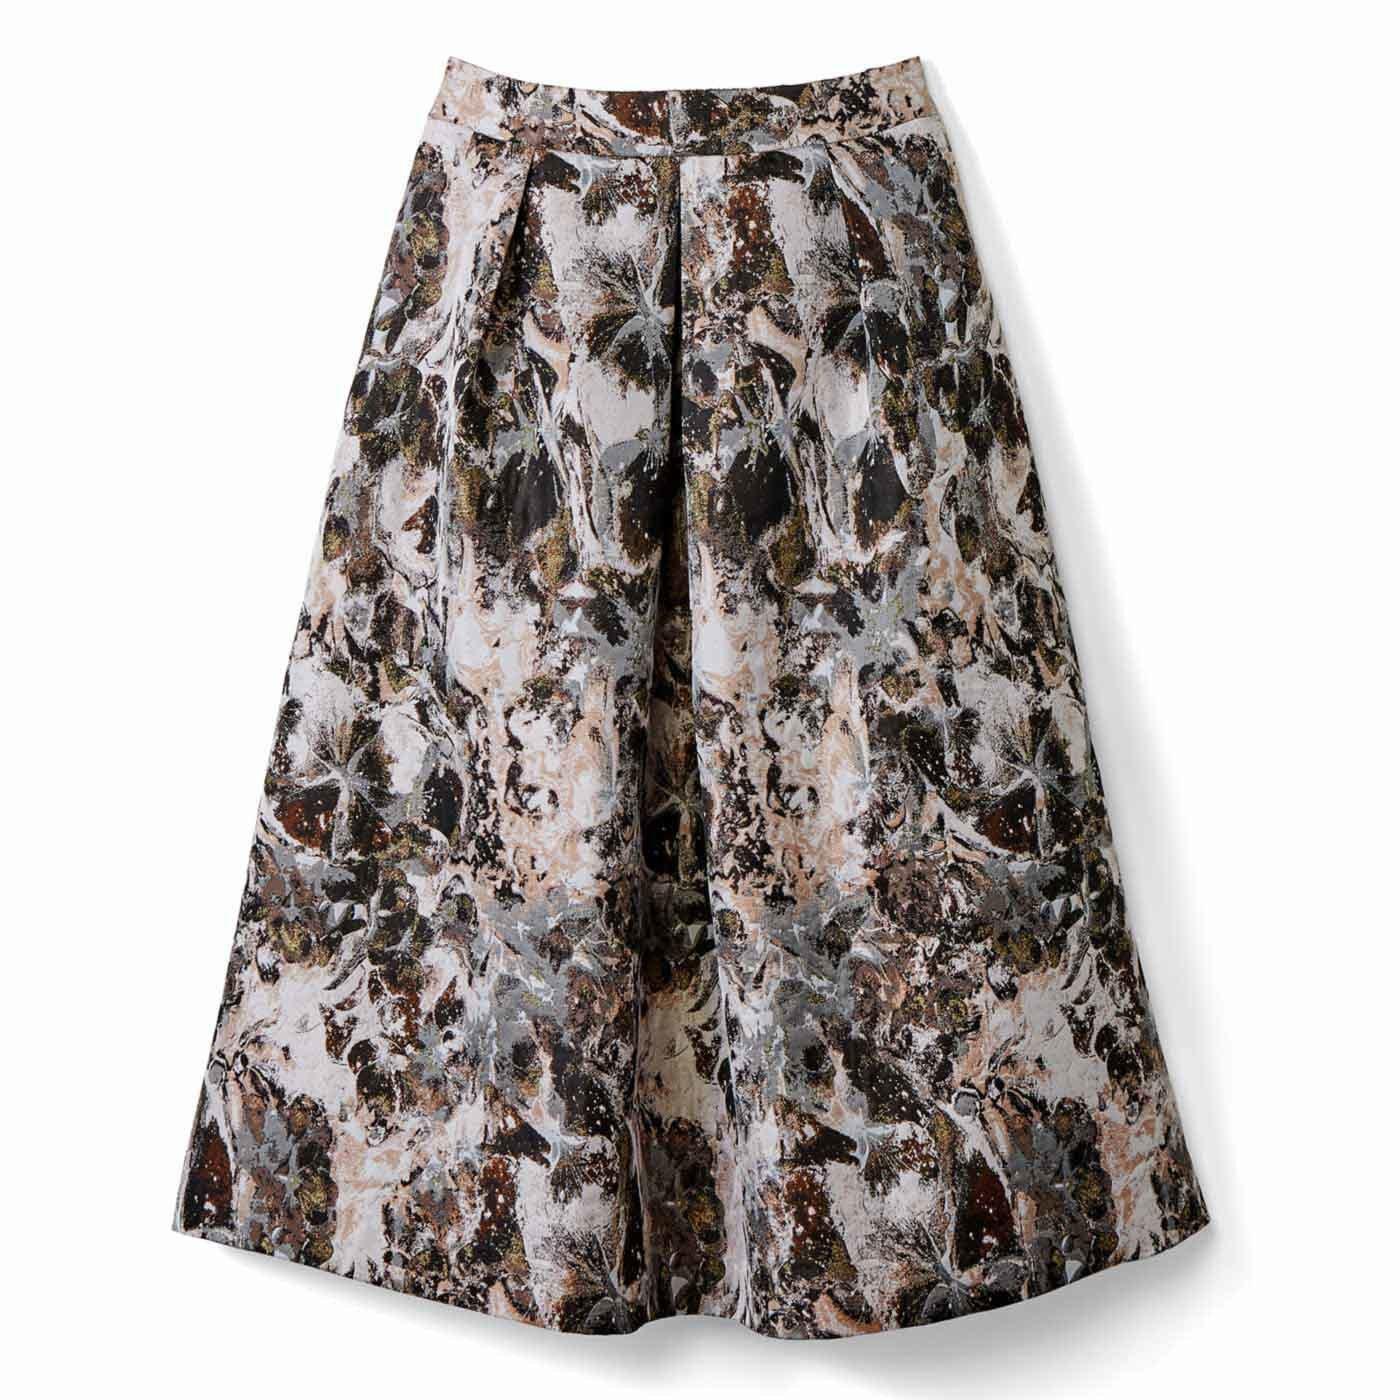 IEDIT[イディット] ふわりシルエットのフラワージャカードスカート〈ピンク〉